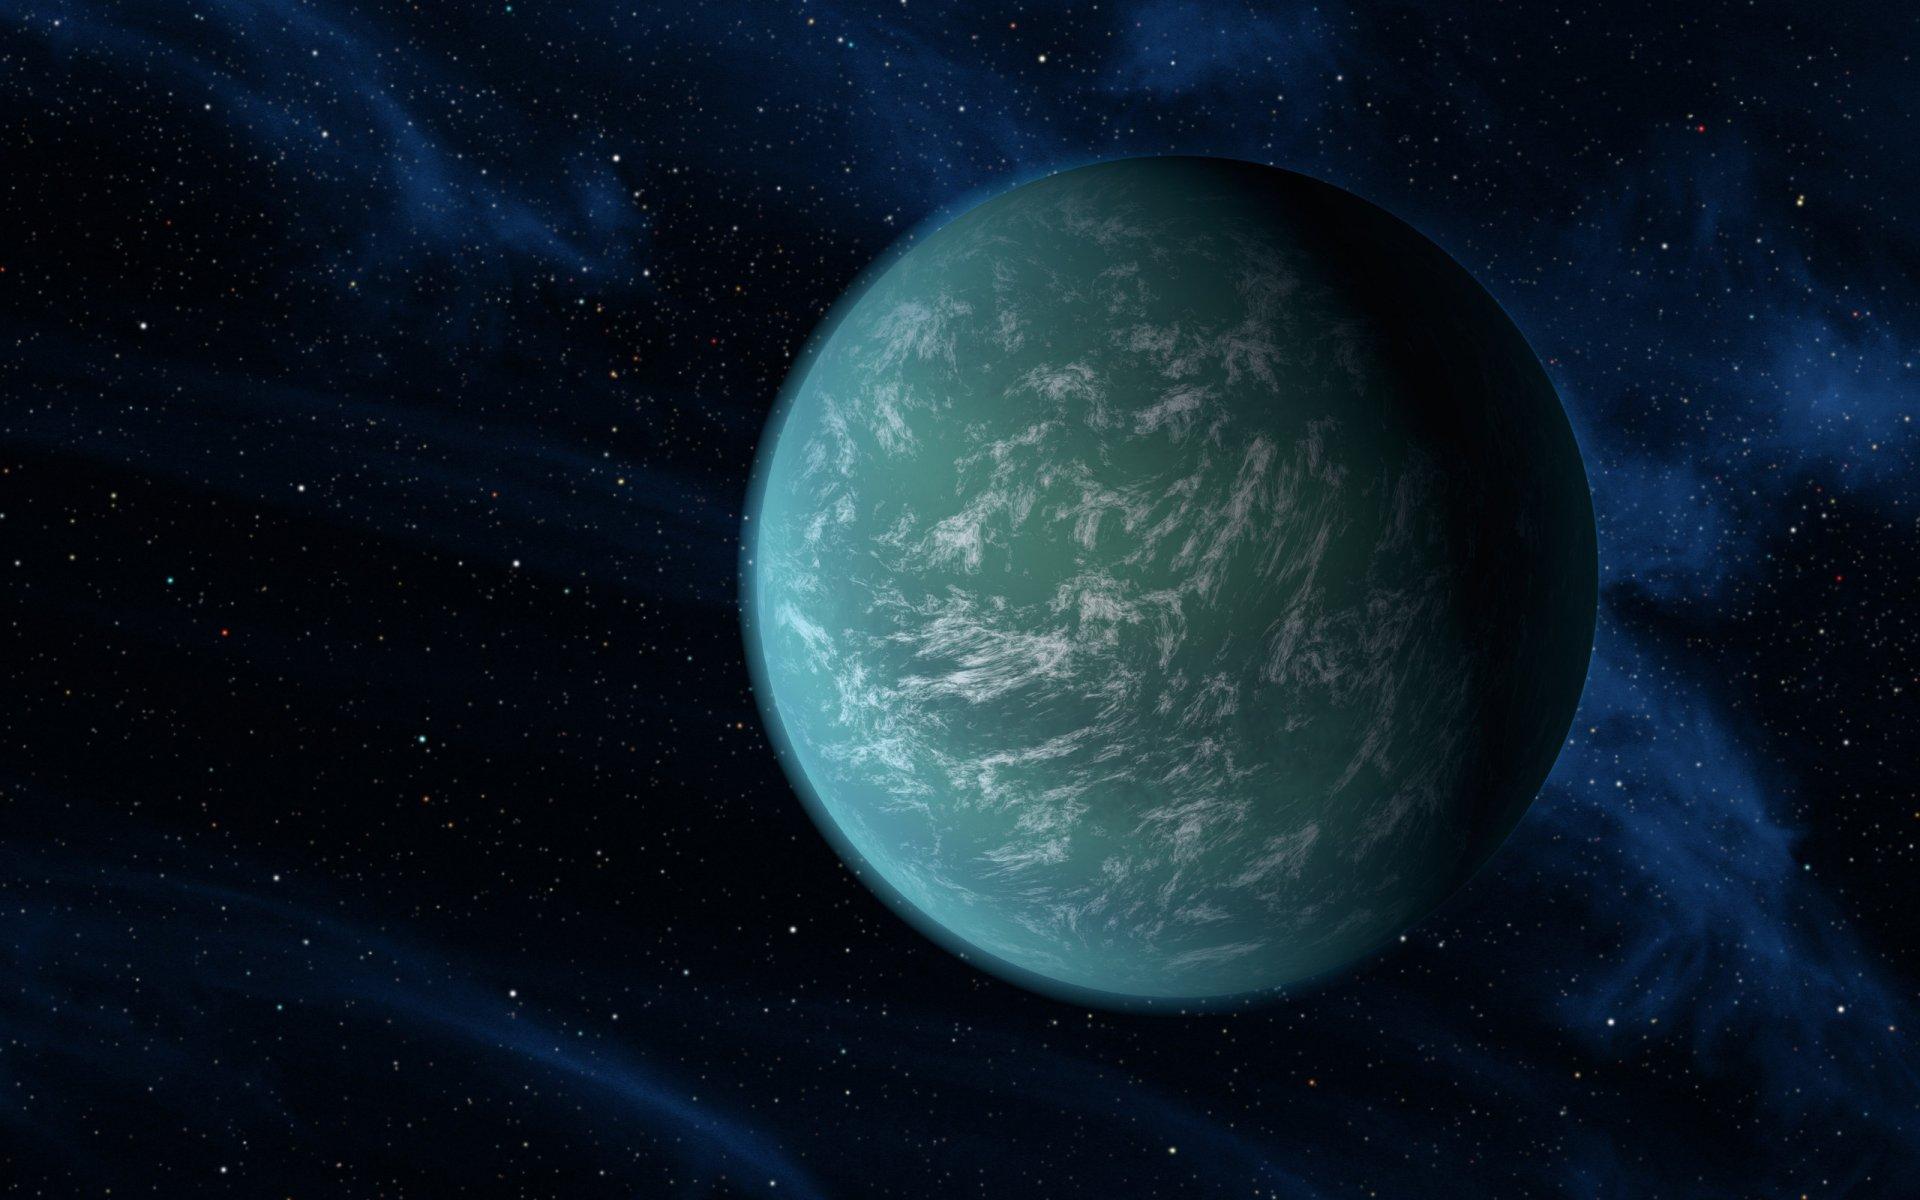 Сравнение периодов вращения планет системы trappist-1 и некоторых планет и спутников солнечной системы